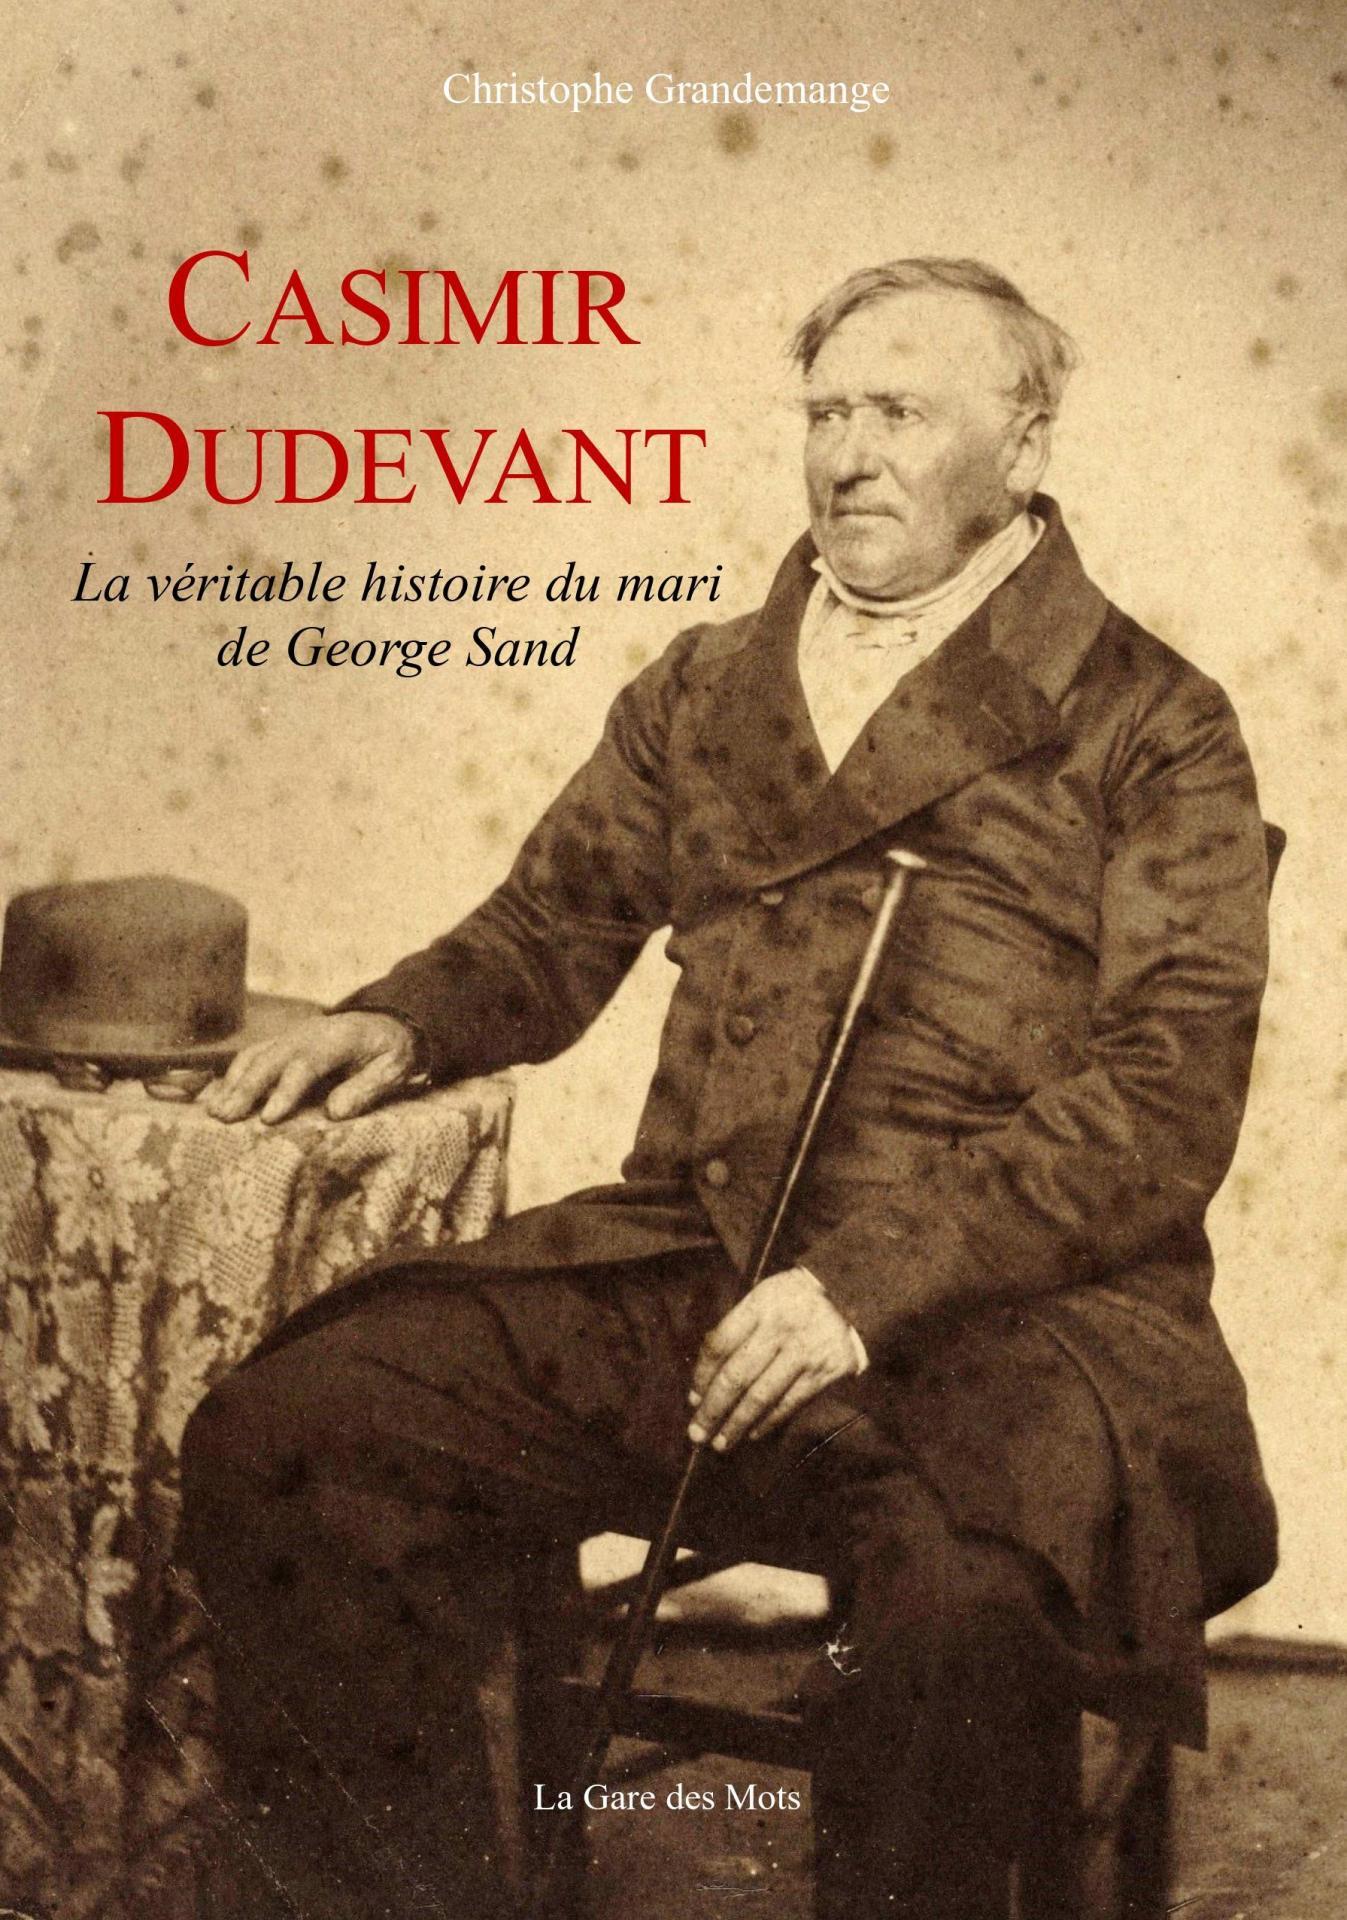 Casimir Dudevant